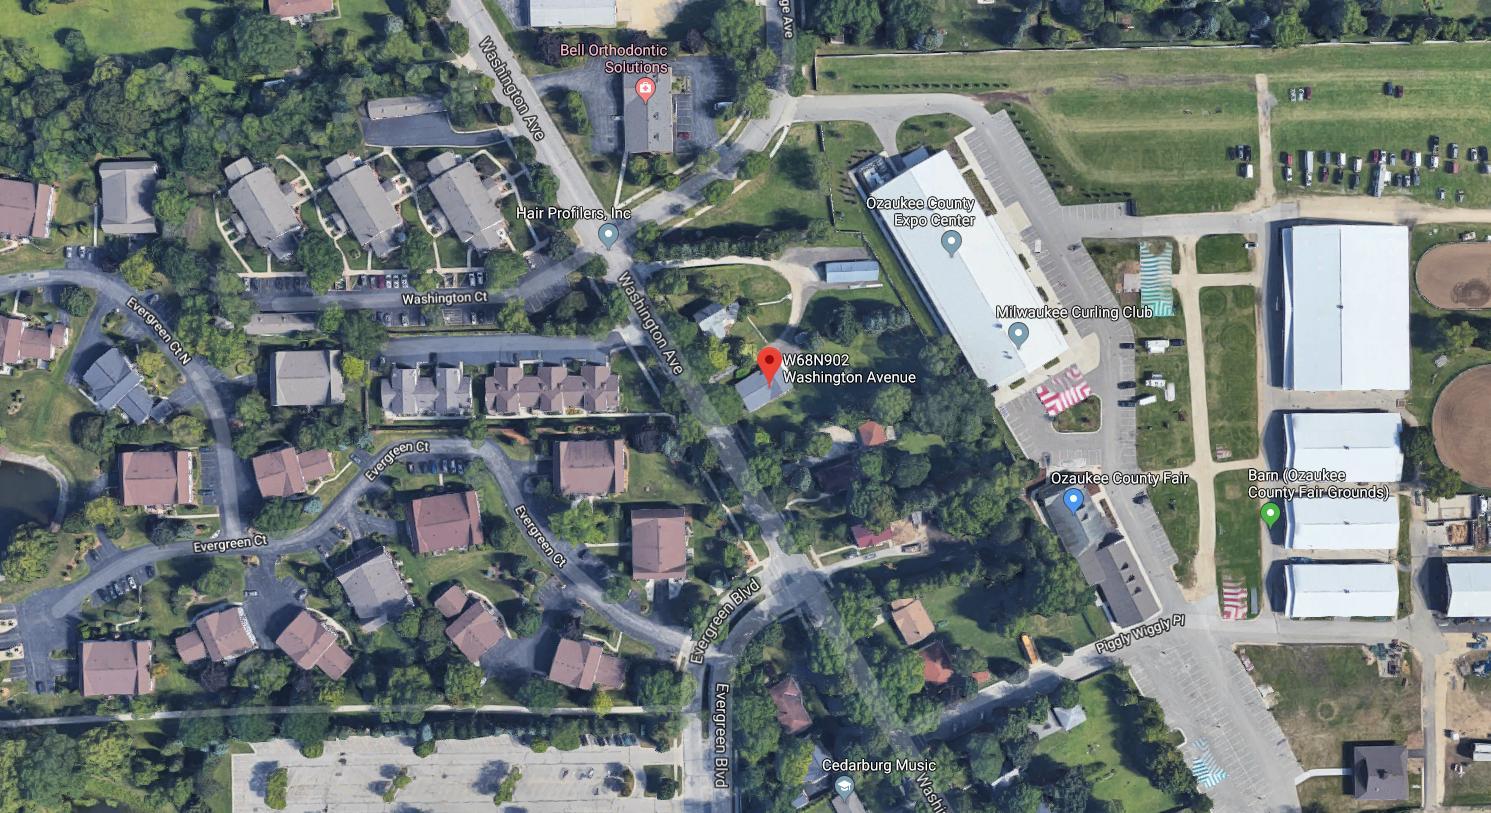 Photo of W68N902 Washington Ave #W68N906, Cedarburg, WI 53012